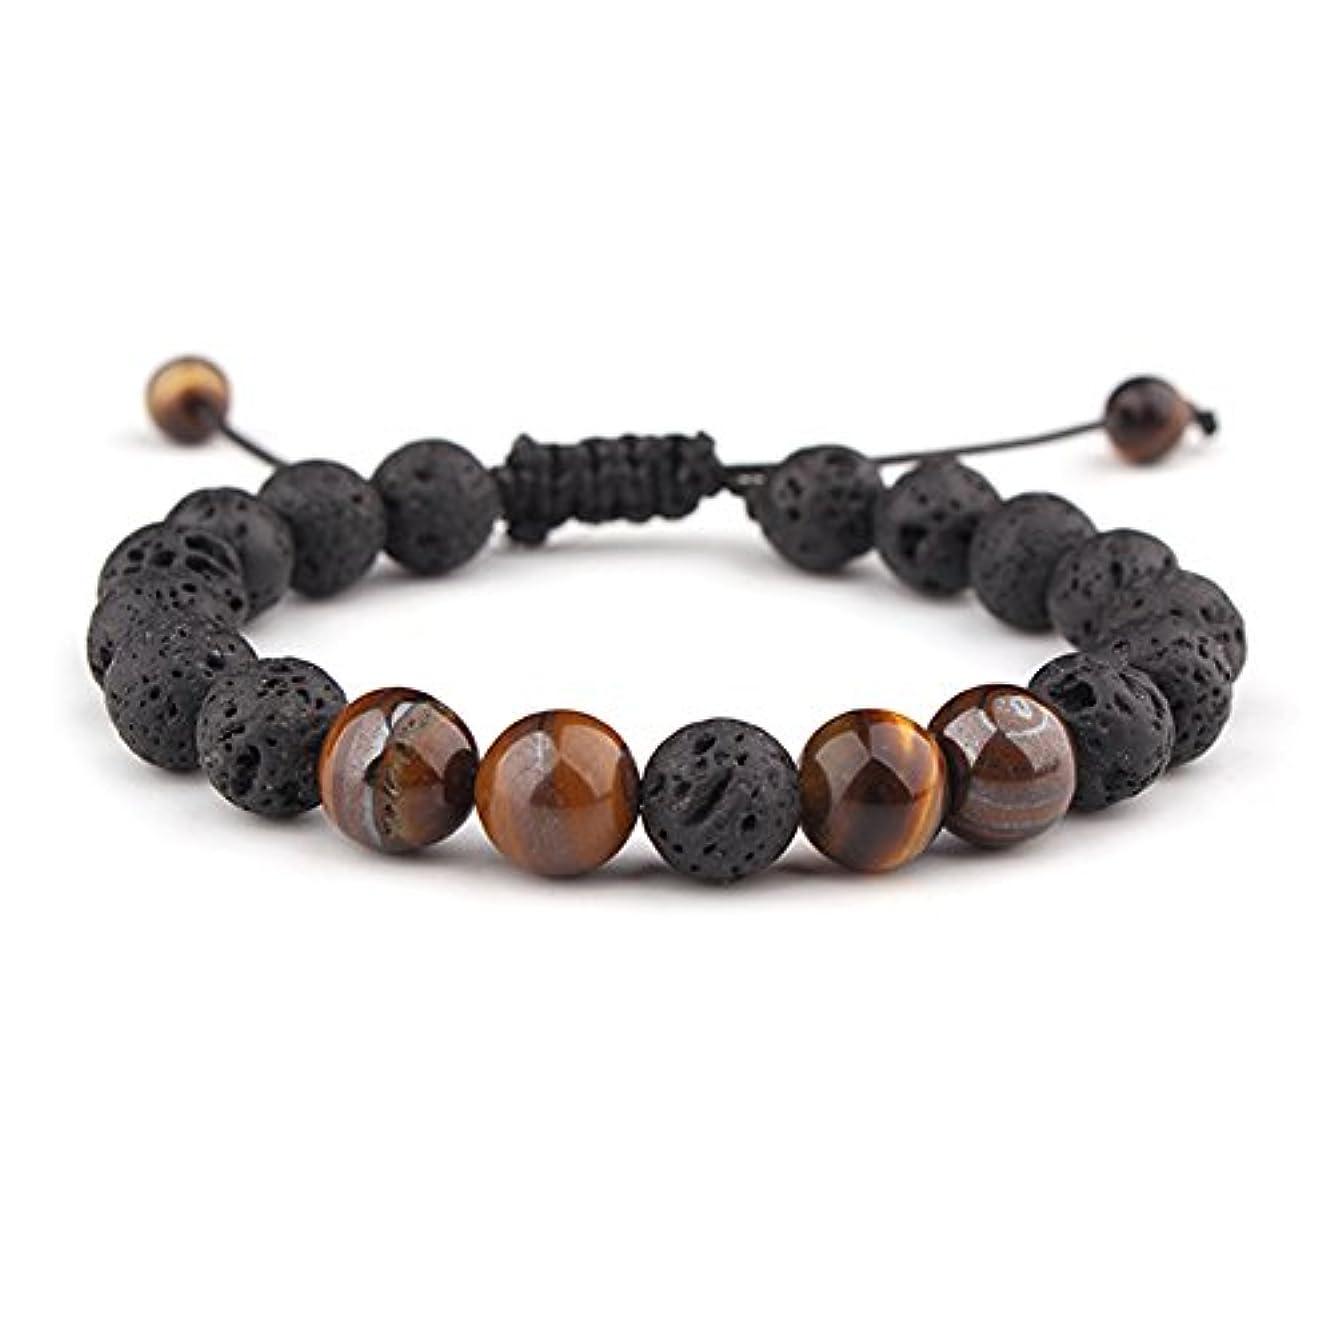 用心するバスタブ肥沃なsulysi調節可能な溶岩石不安Essential Oil Diffuserブレスレットユニセックスwithターコイズ – 瞑想、リラックス、ヒーリング、アロマセラピー